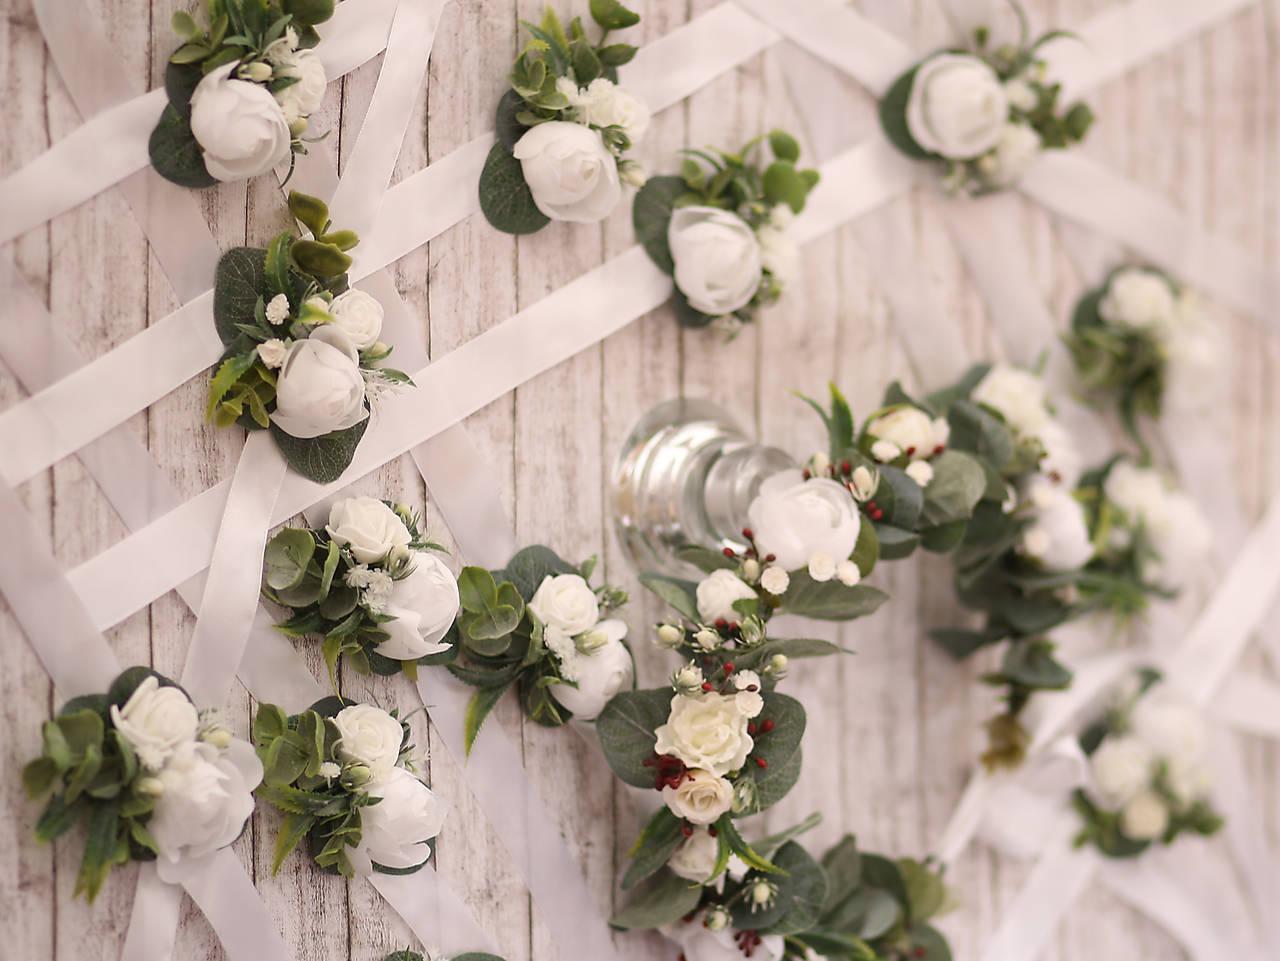 Plánovanie toho nášho najkrajšieho DŇA  :-) - O náramky pre družičky, svadobné pierka pre pánov a rodičov sa postará kamarátka ktorá sa venuje aranžovaniu a vyrábaniu rôznych veci na oslavy svadby atd. :-) Všetko by som chcela v bielo - striebornej farbe